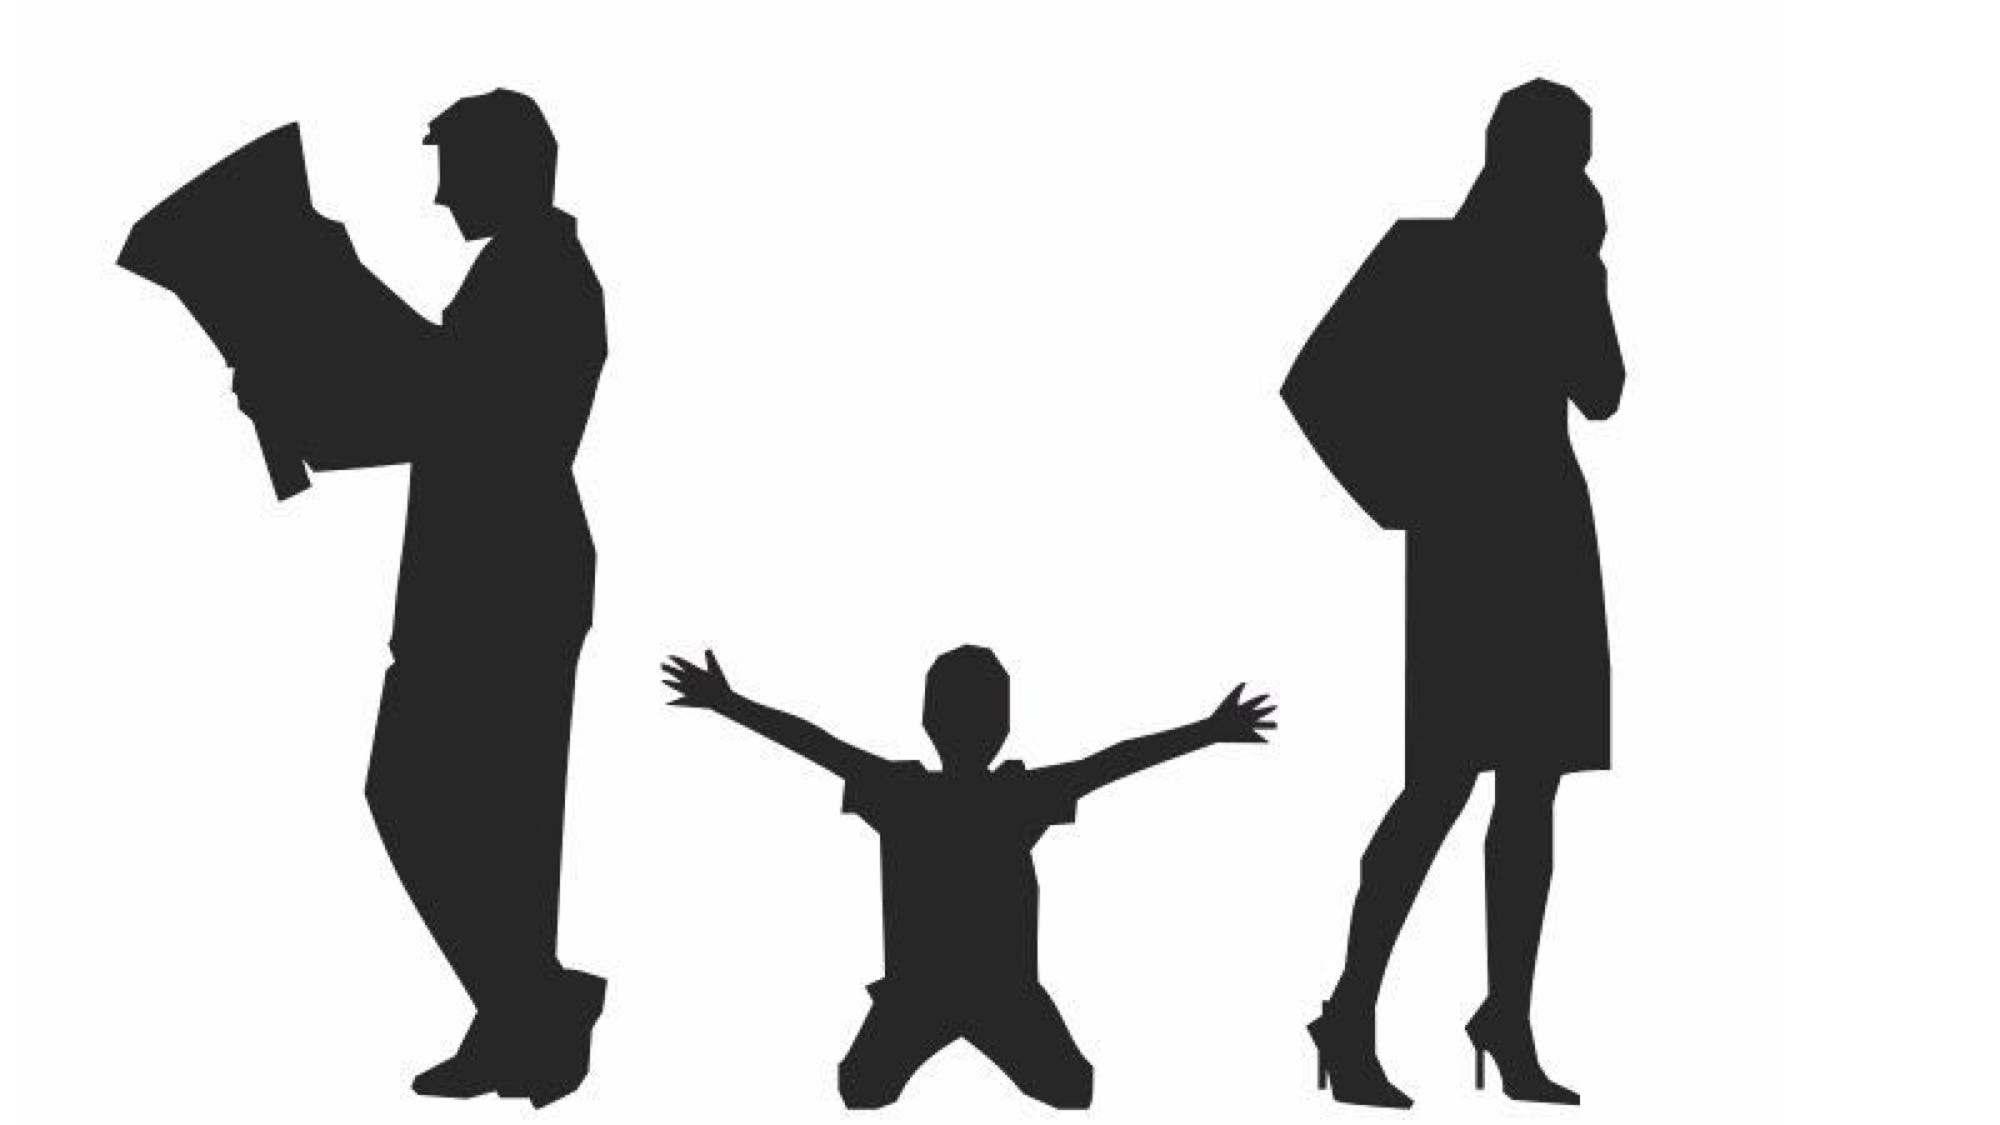 单亲家庭孩子的优缺点是什么揭秘?父母离婚对孩子的影响是什么?